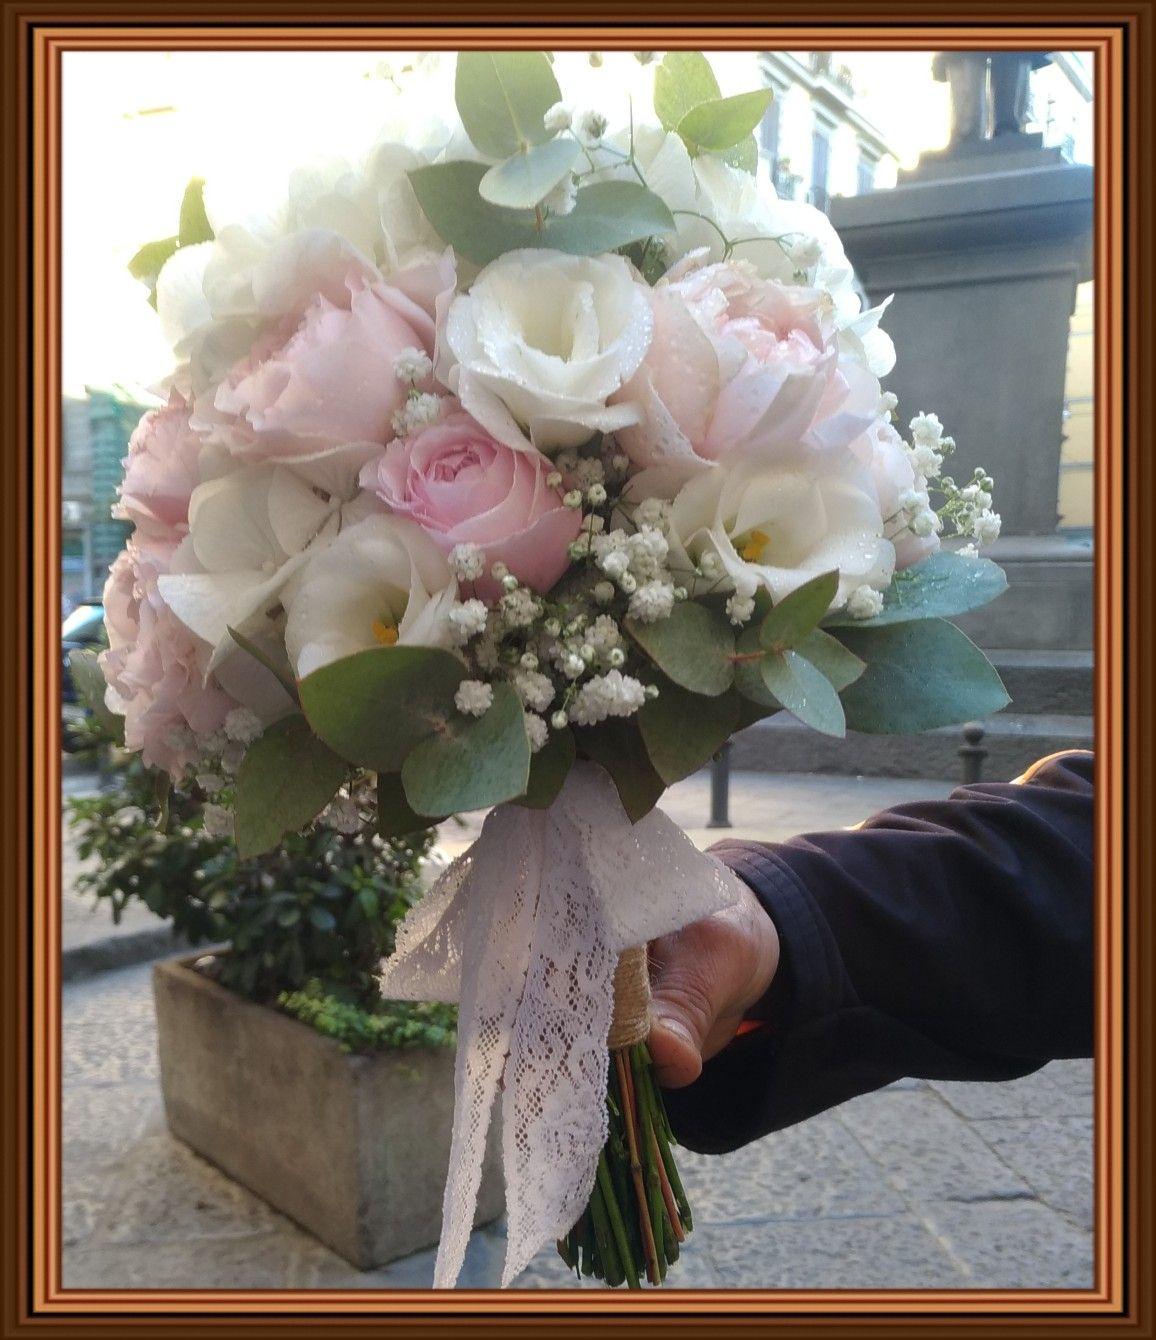 Bouquet Sposa In Inglese.Bouquet Da Sposa Con Rose Inglese E Ortensie Bianche Fioraio